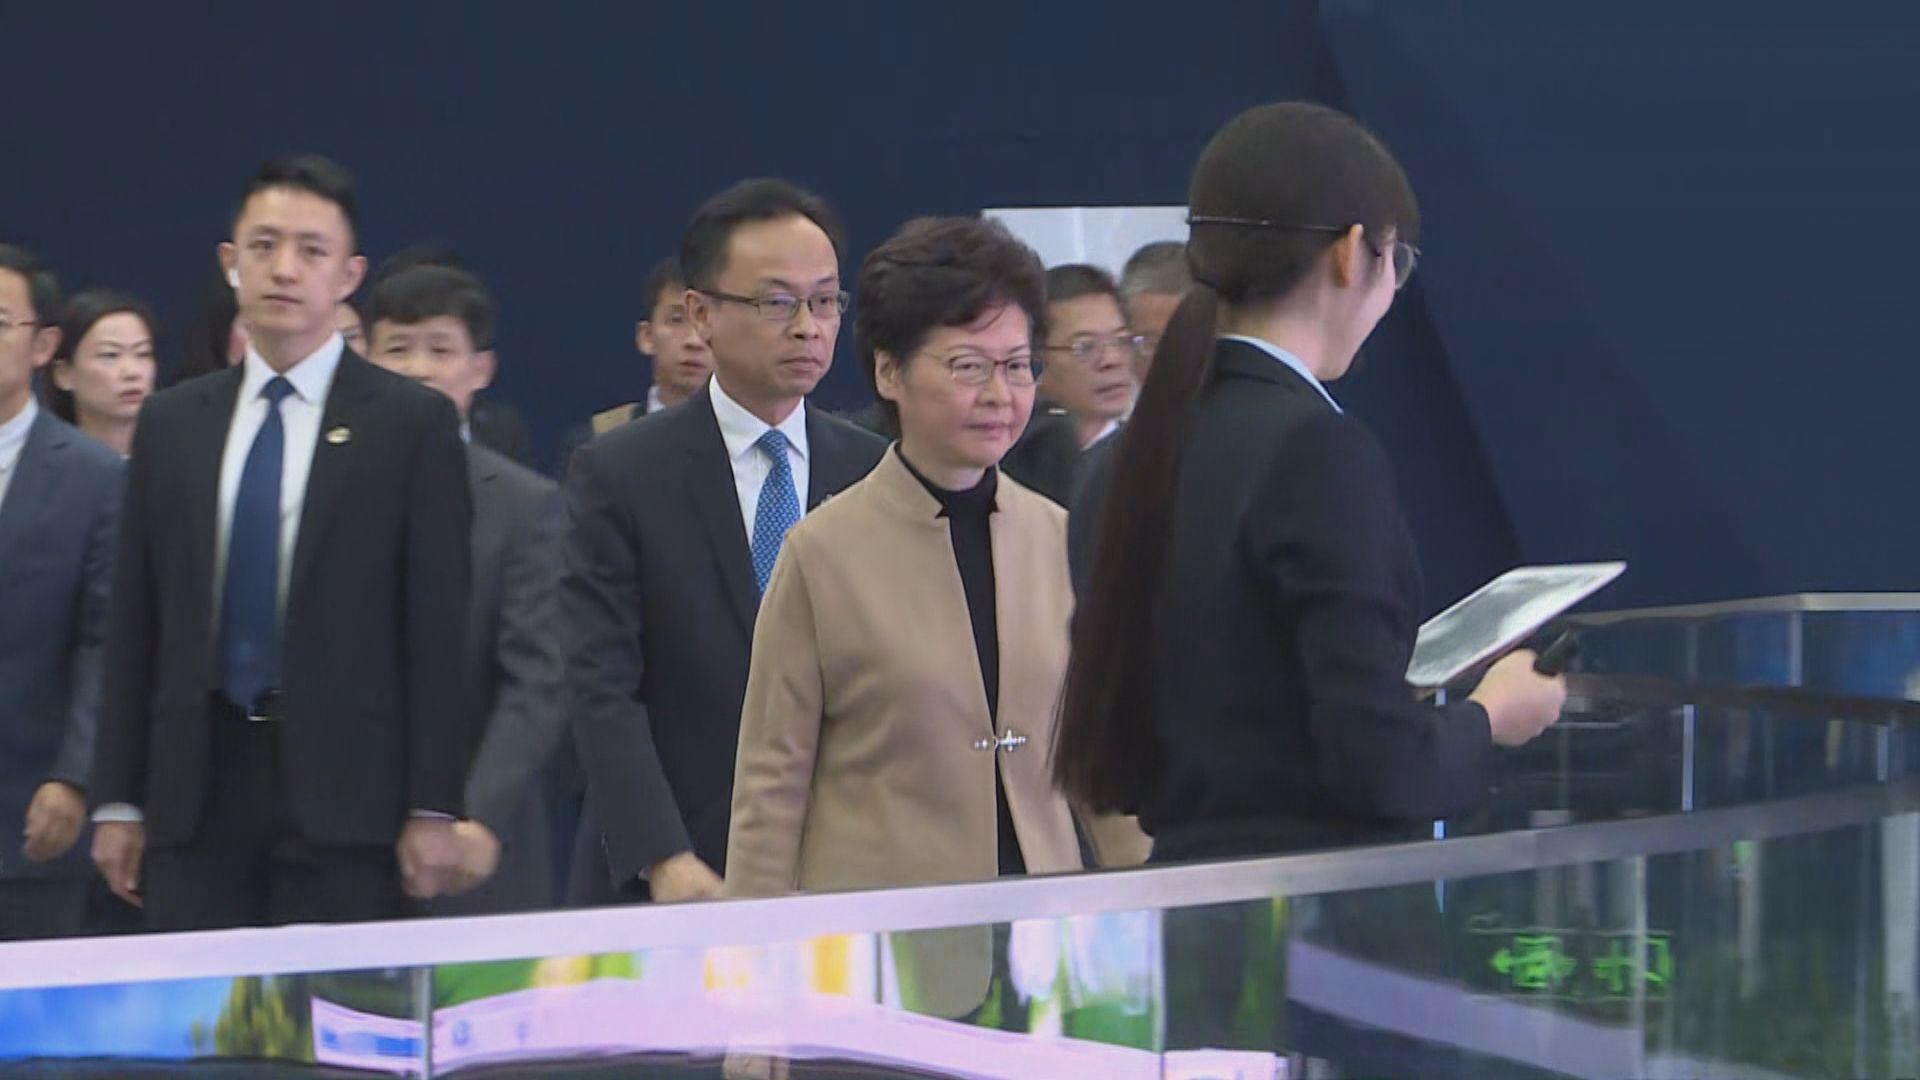 林鄭早上南京繼續訪問行程 未有回應記者提問